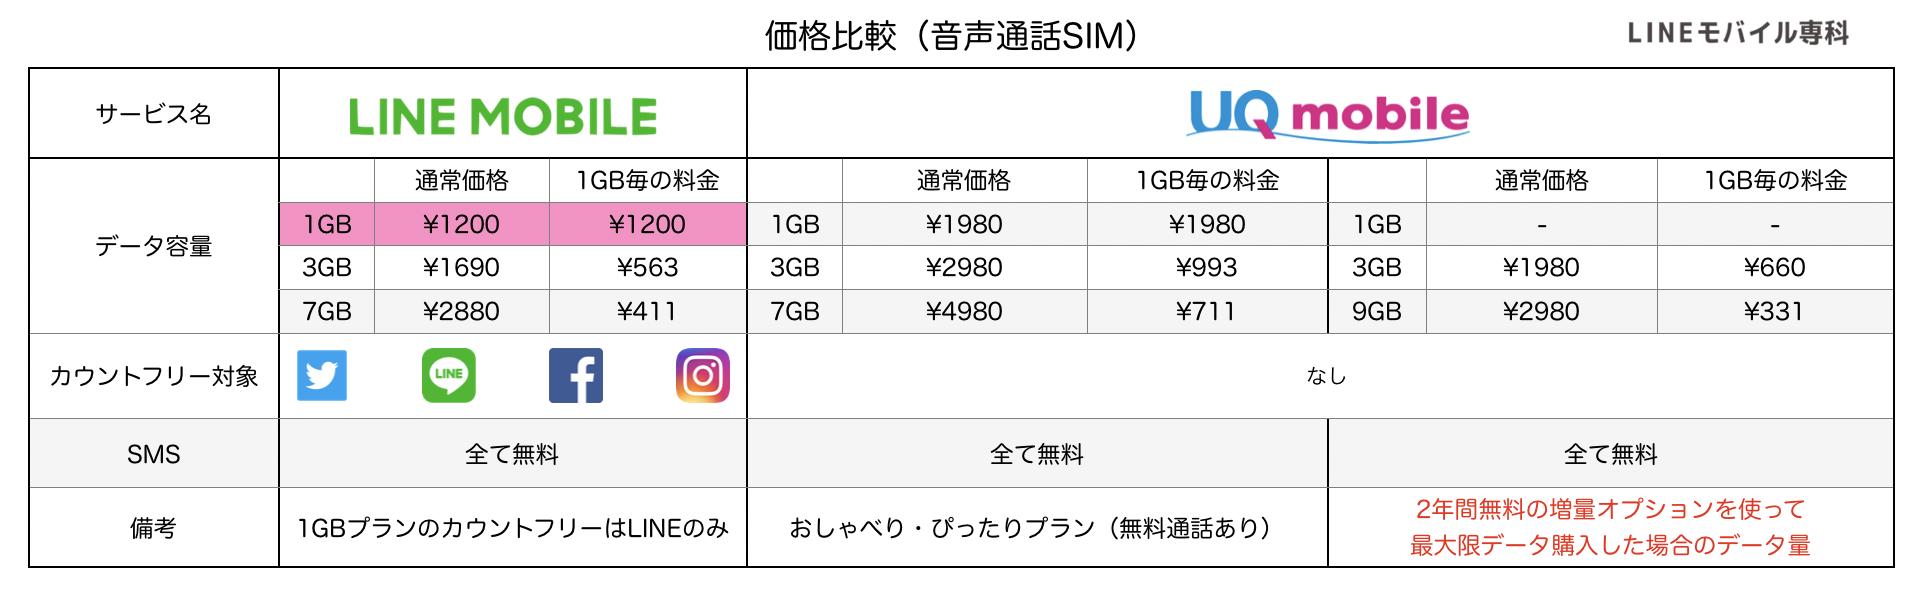 LINEモバイルとUQモバイルの価格比較